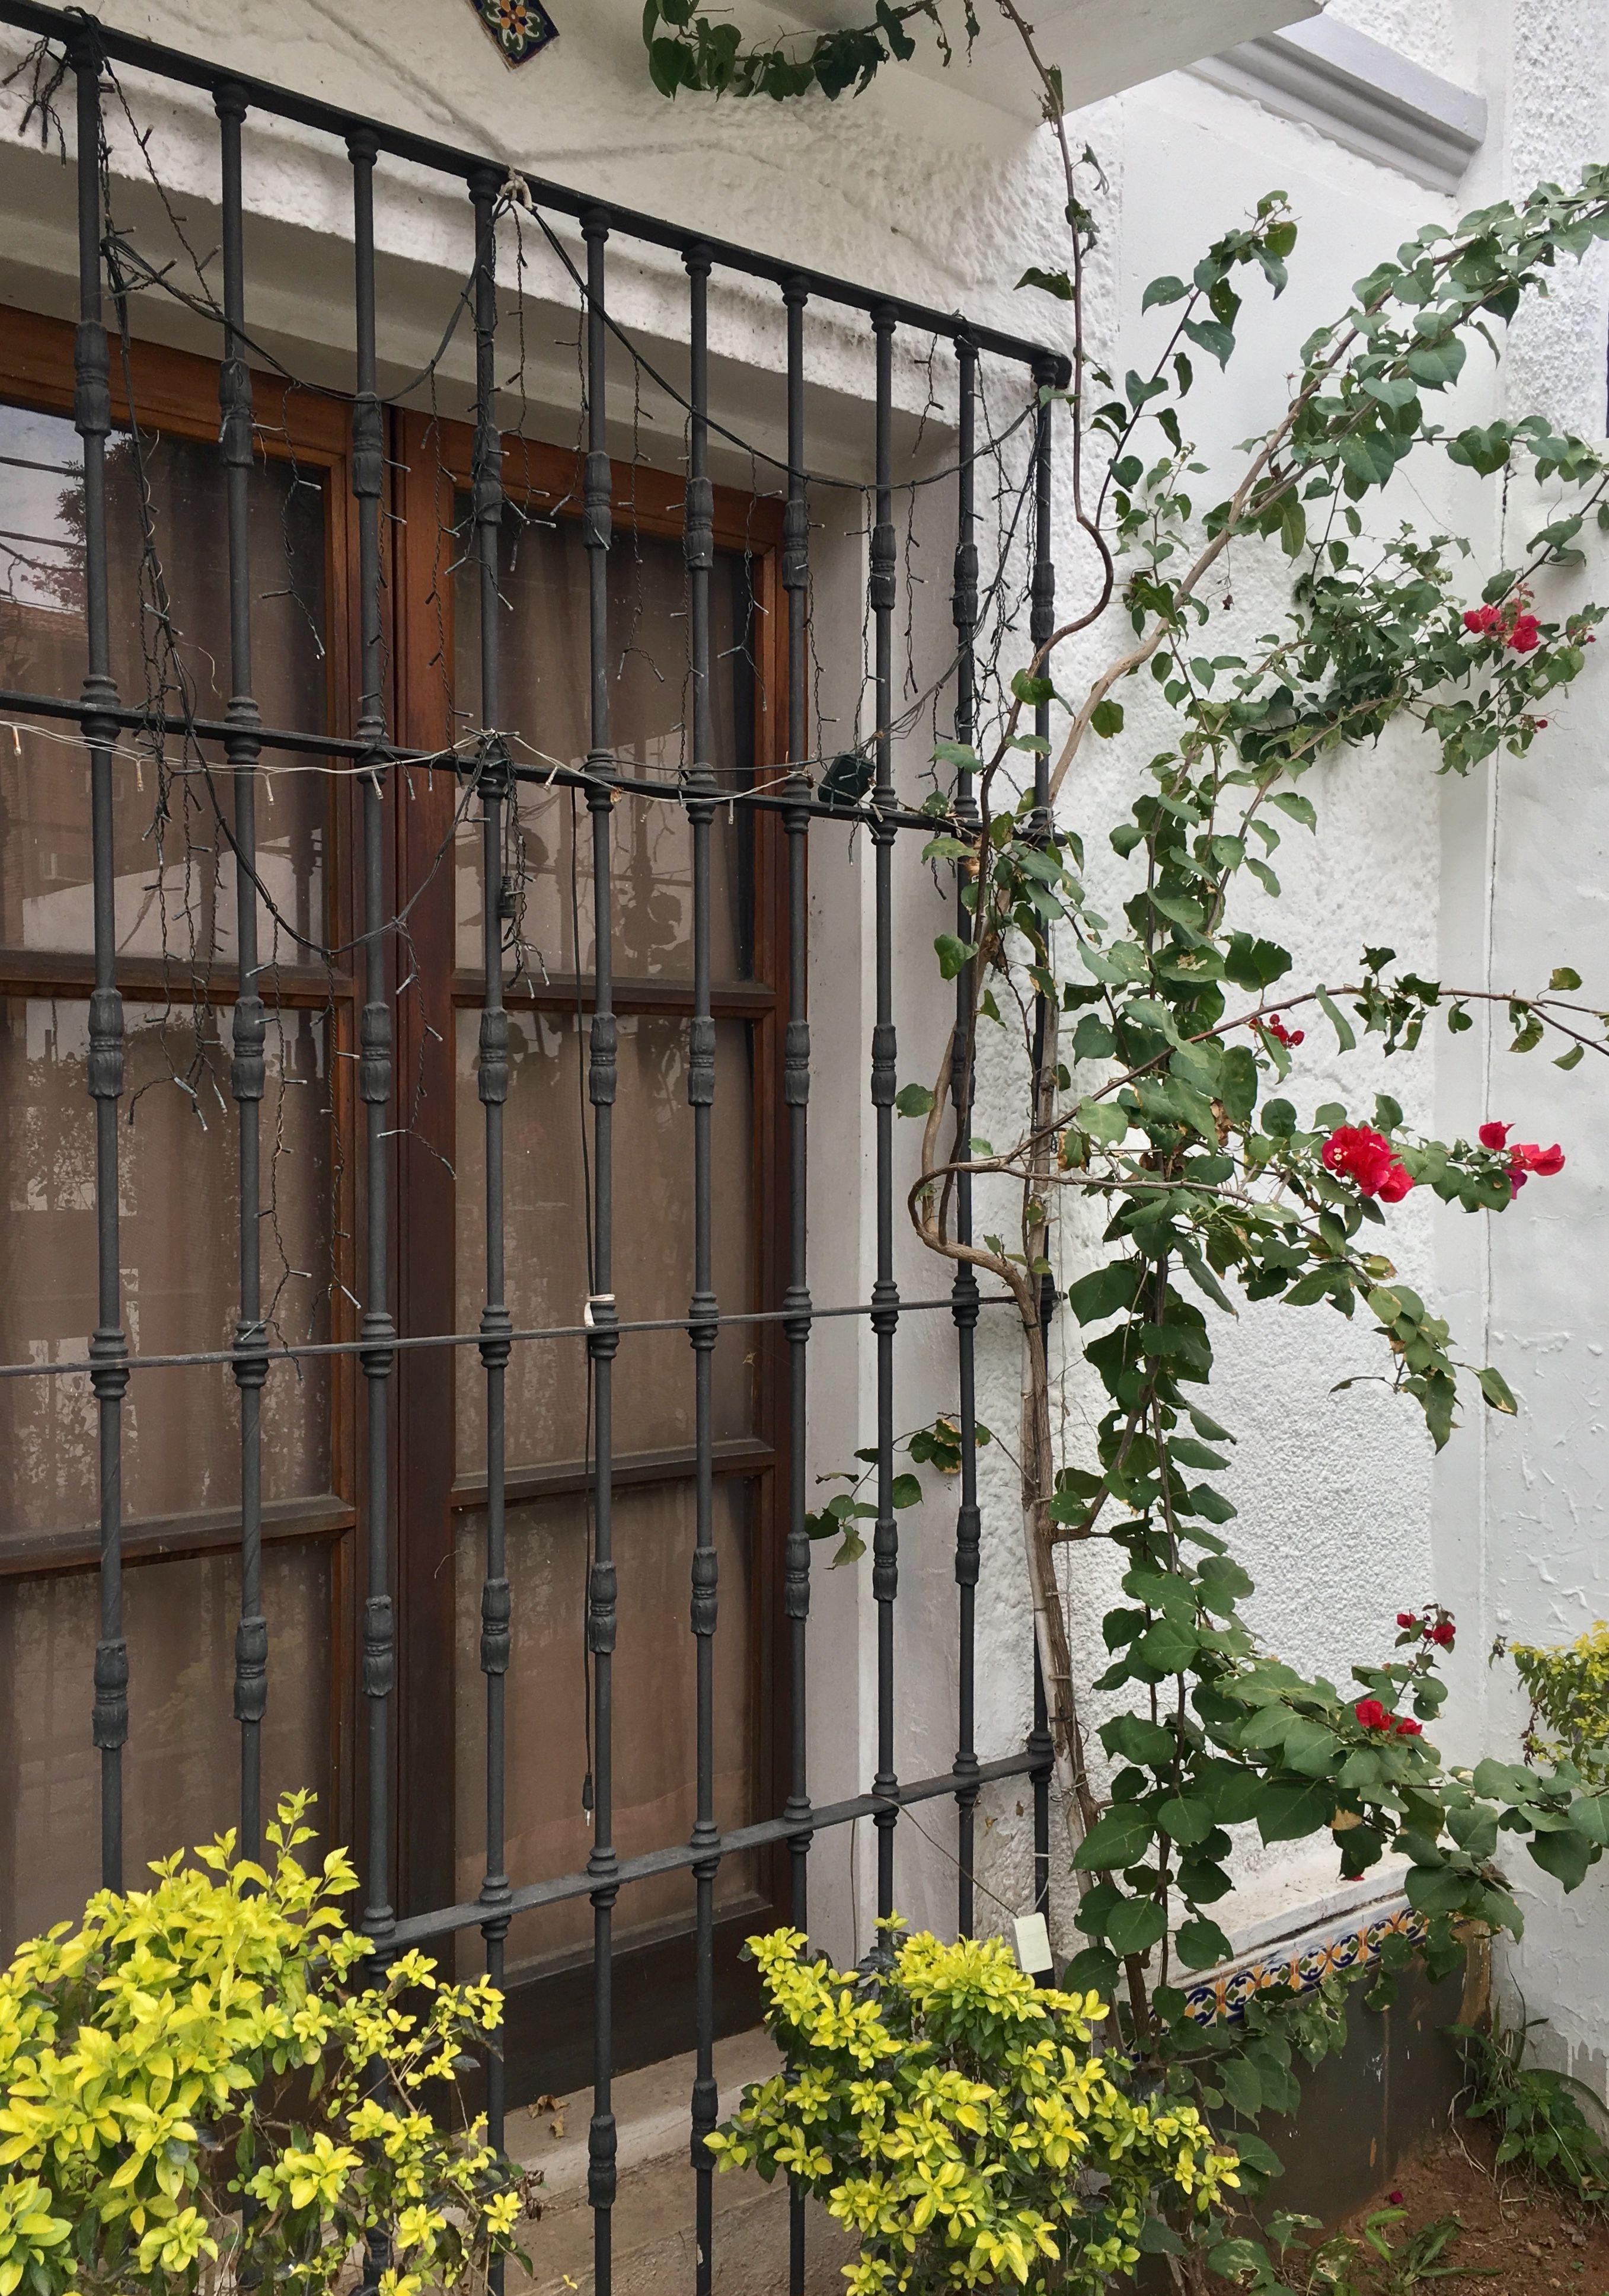 Ventana Con Flores De Asuncion Paraguay South America Outdoor Structures Outdoor